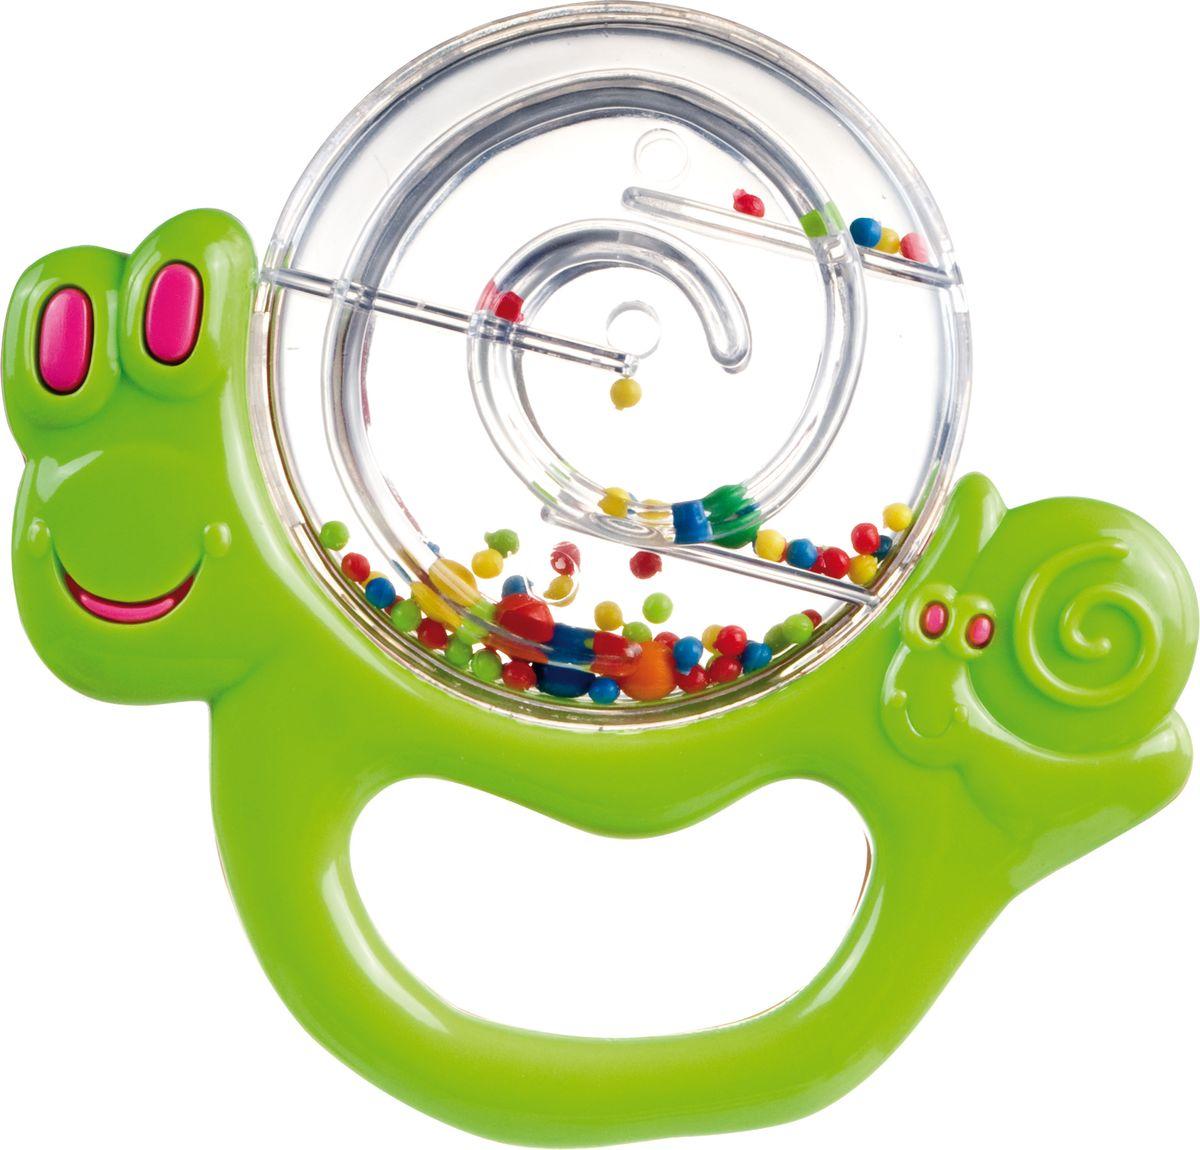 Canpol Babies Погремушка Улитка цвет зеленый стеллар погремушка дудочка стеллар